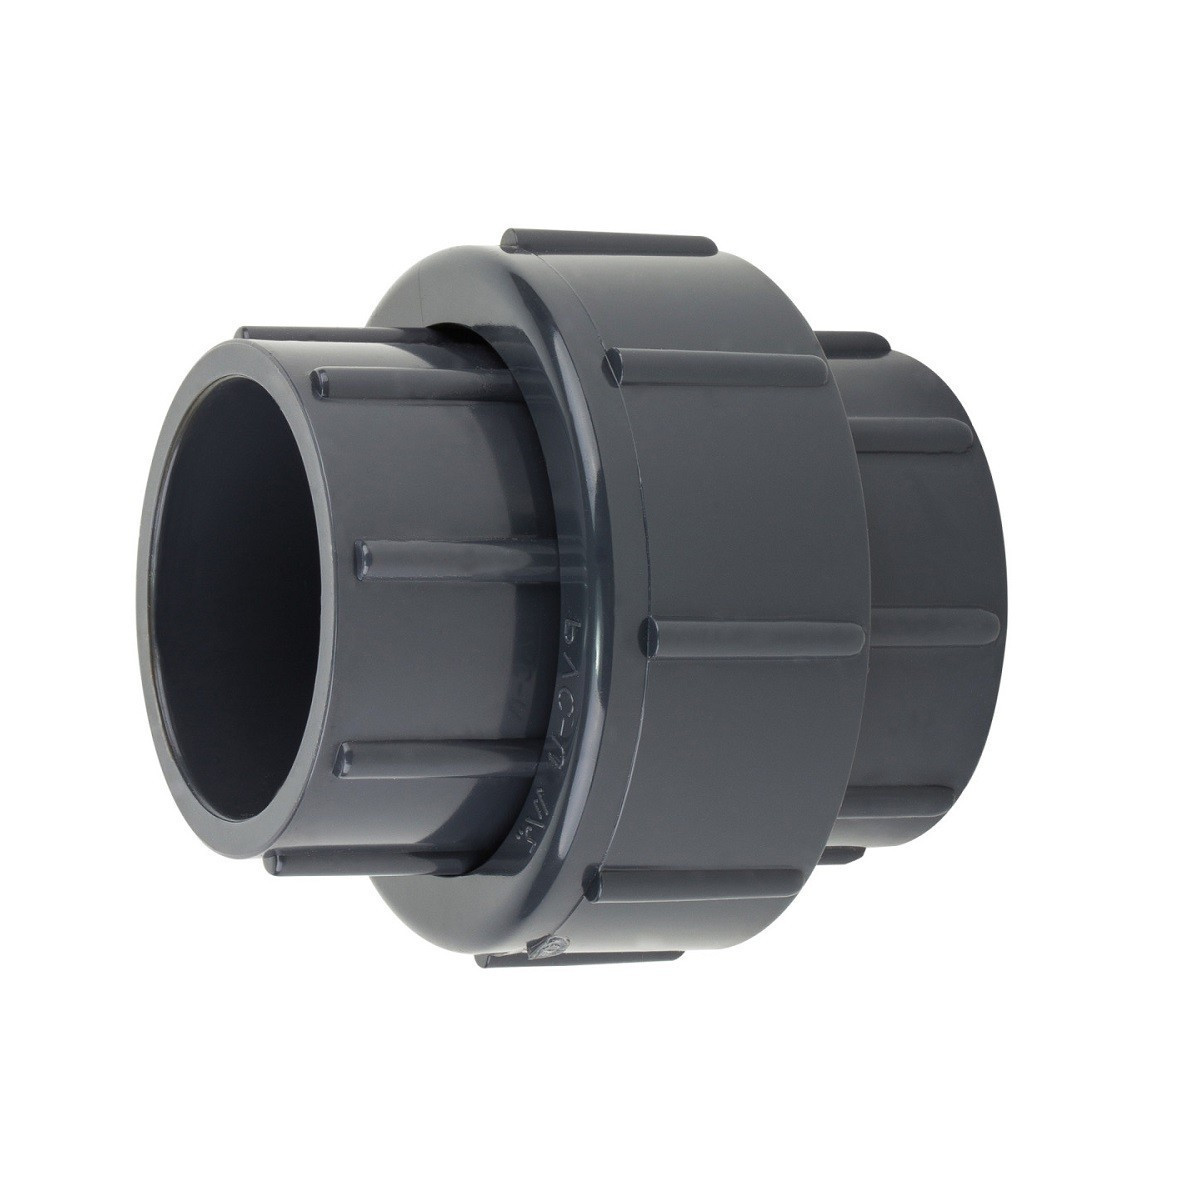 Муфта ПВХ Aquaviva разборная клей-клей, диаметр 75 мм.